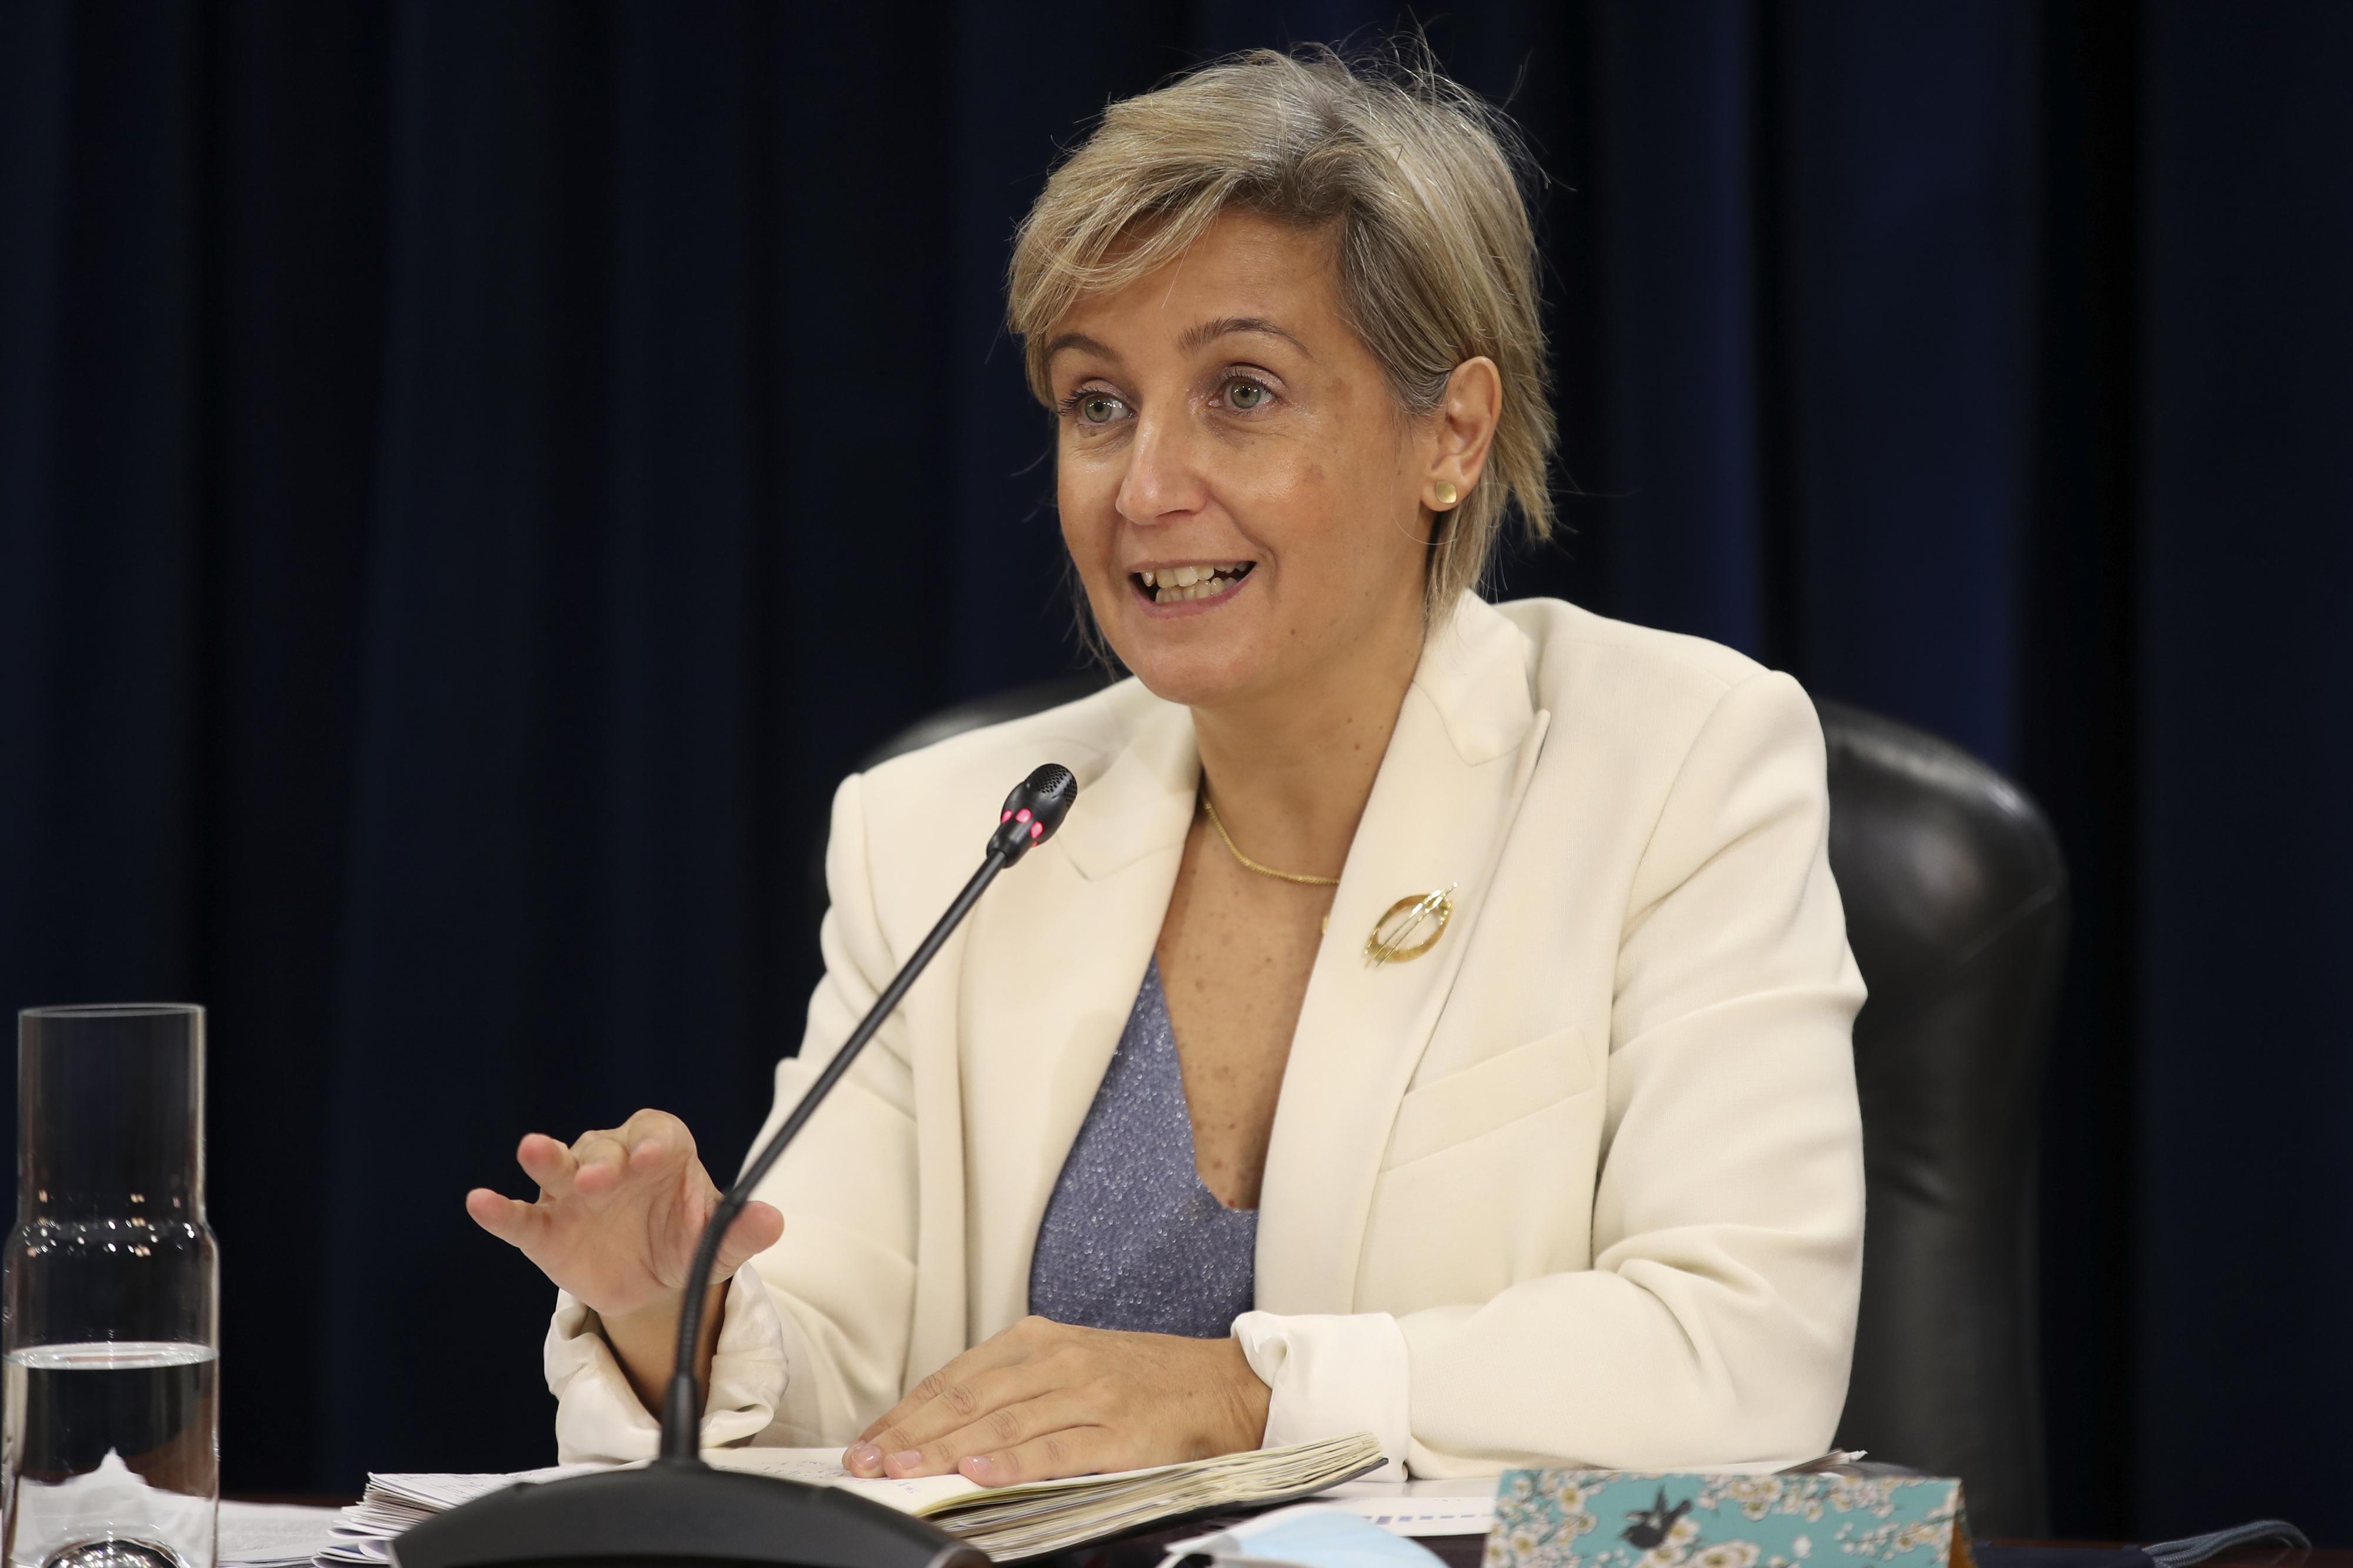 Ministra da Saúde alerta para agravamento da situação na última semana